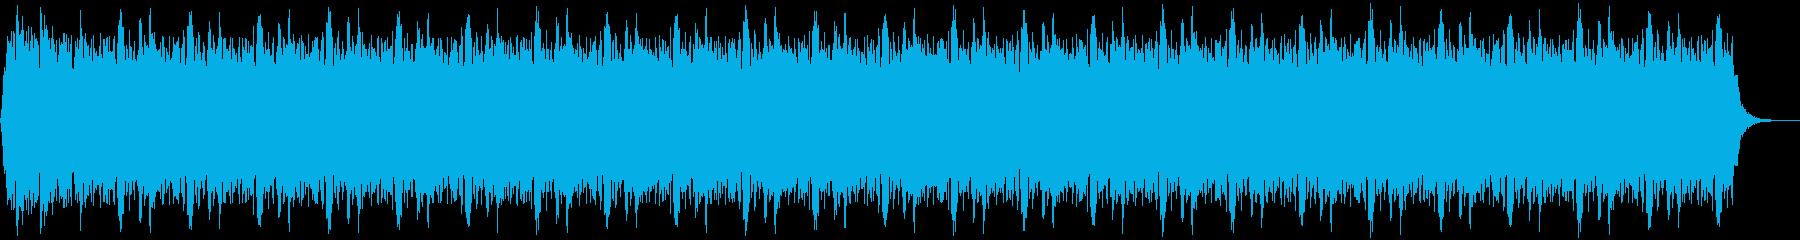 神秘04の再生済みの波形